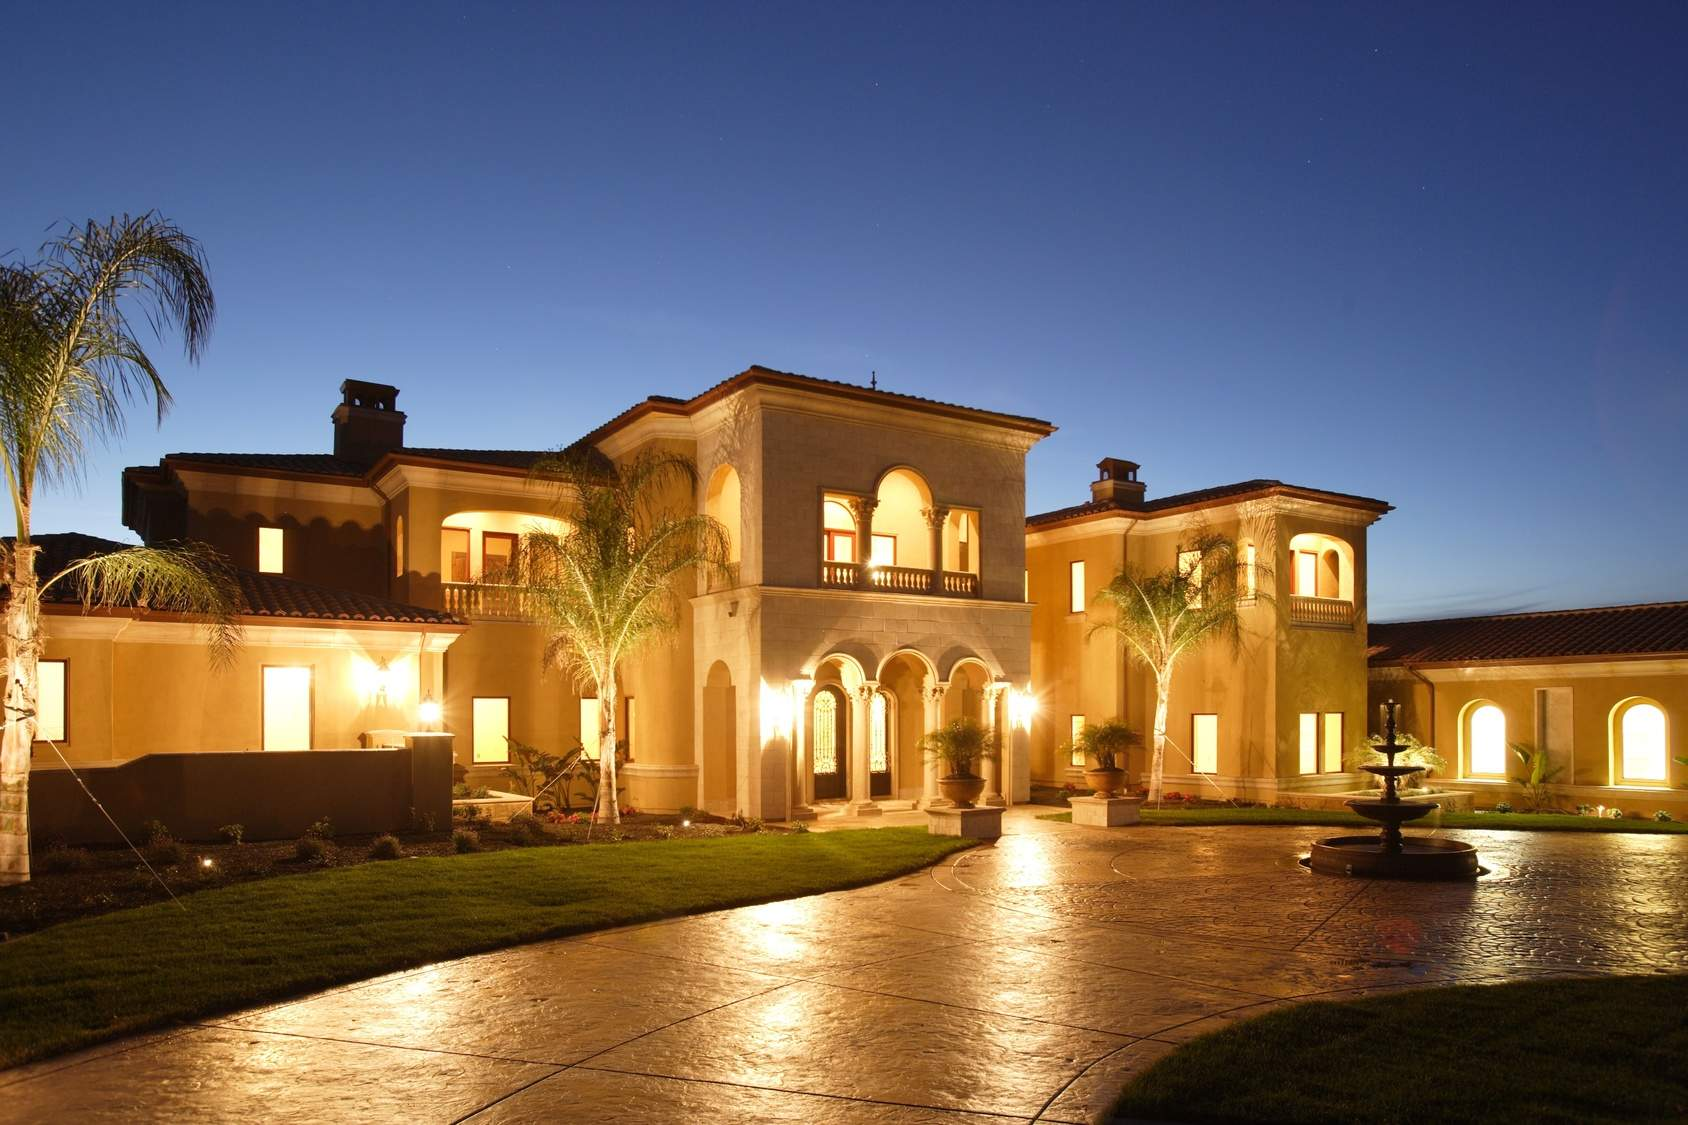 Modern house exterior lighting ideas modern house - Home exterior lighting ideas ...